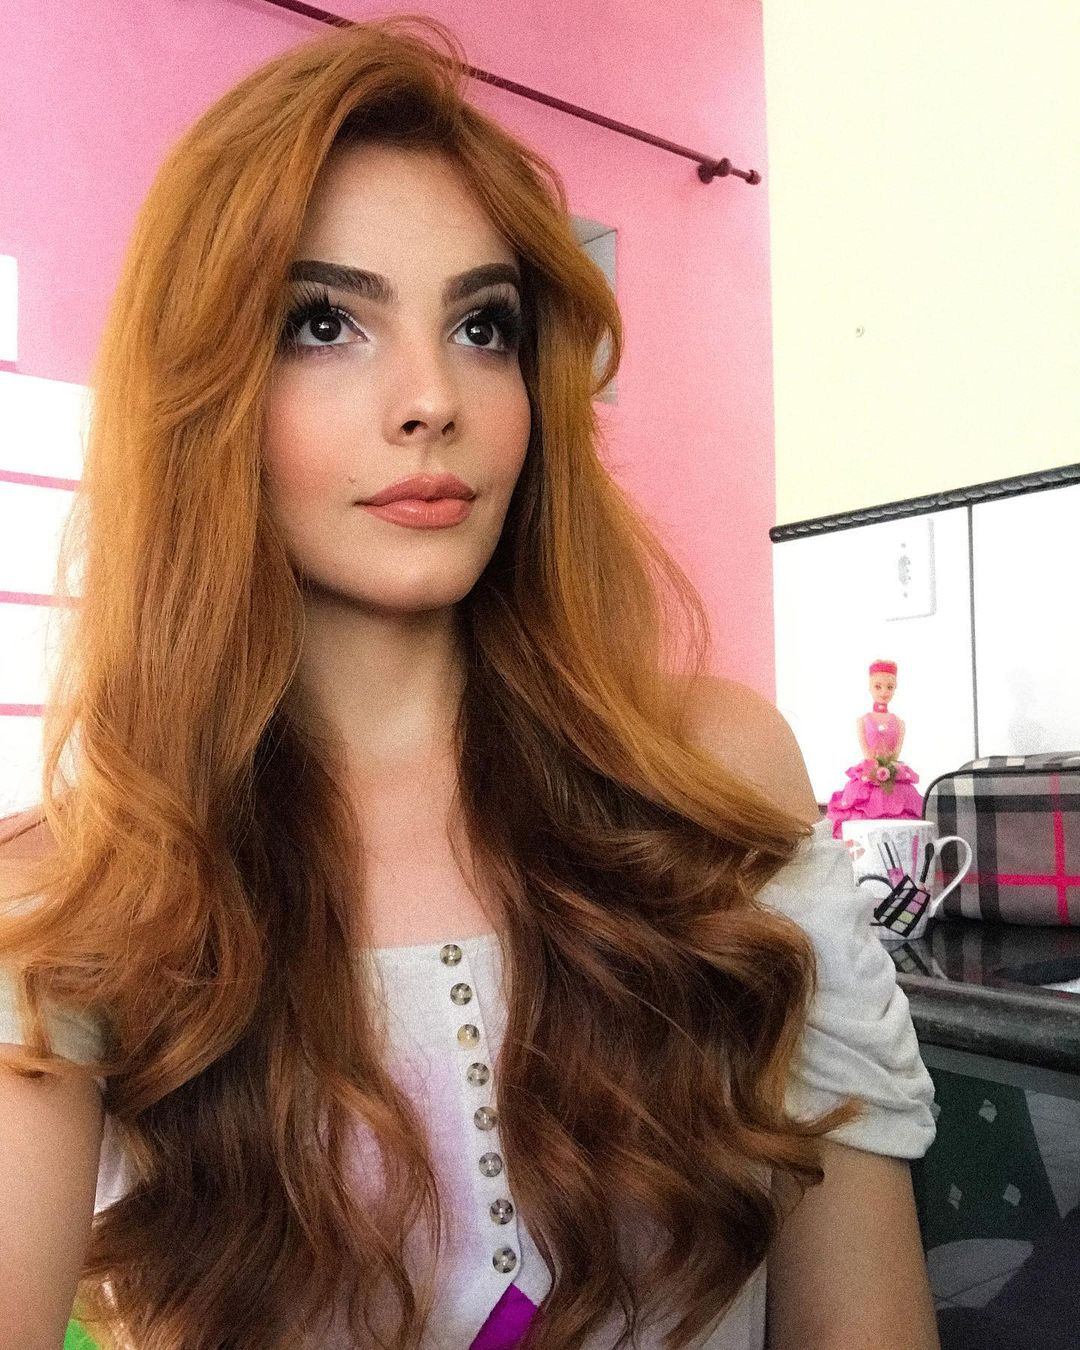 Náthalie de Oliveira - Most Beautiful Transgender Female